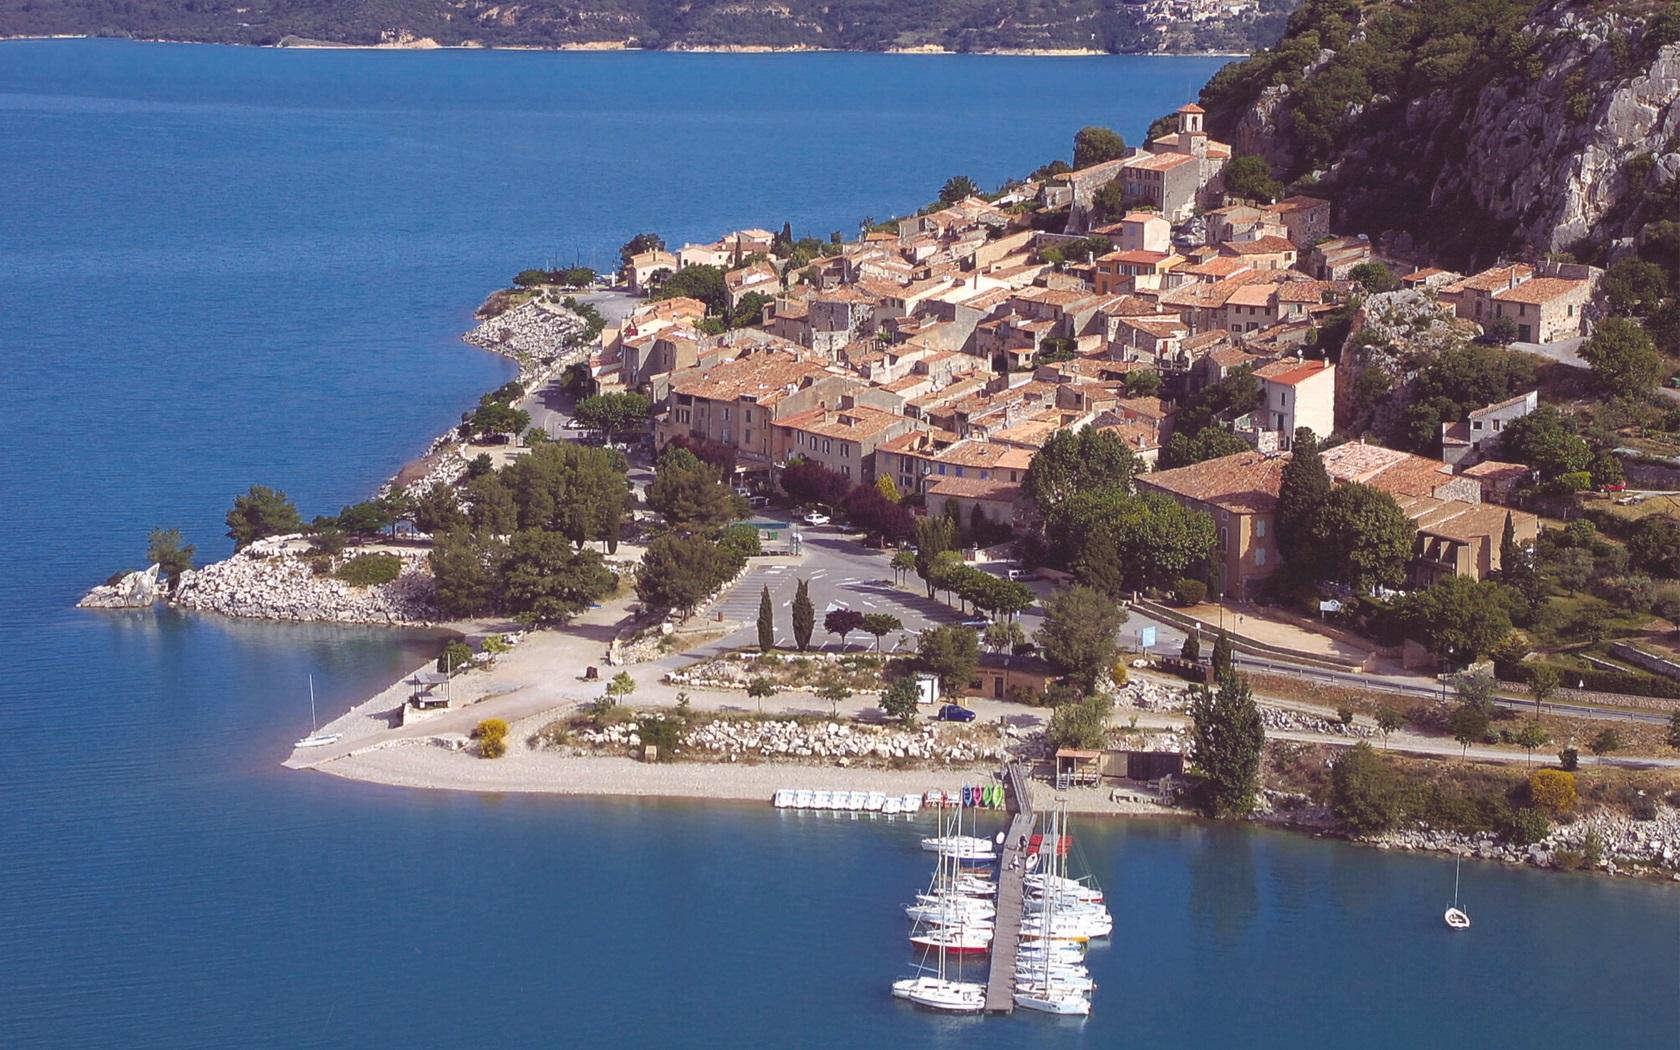 Photo Le Port du Haut-Var